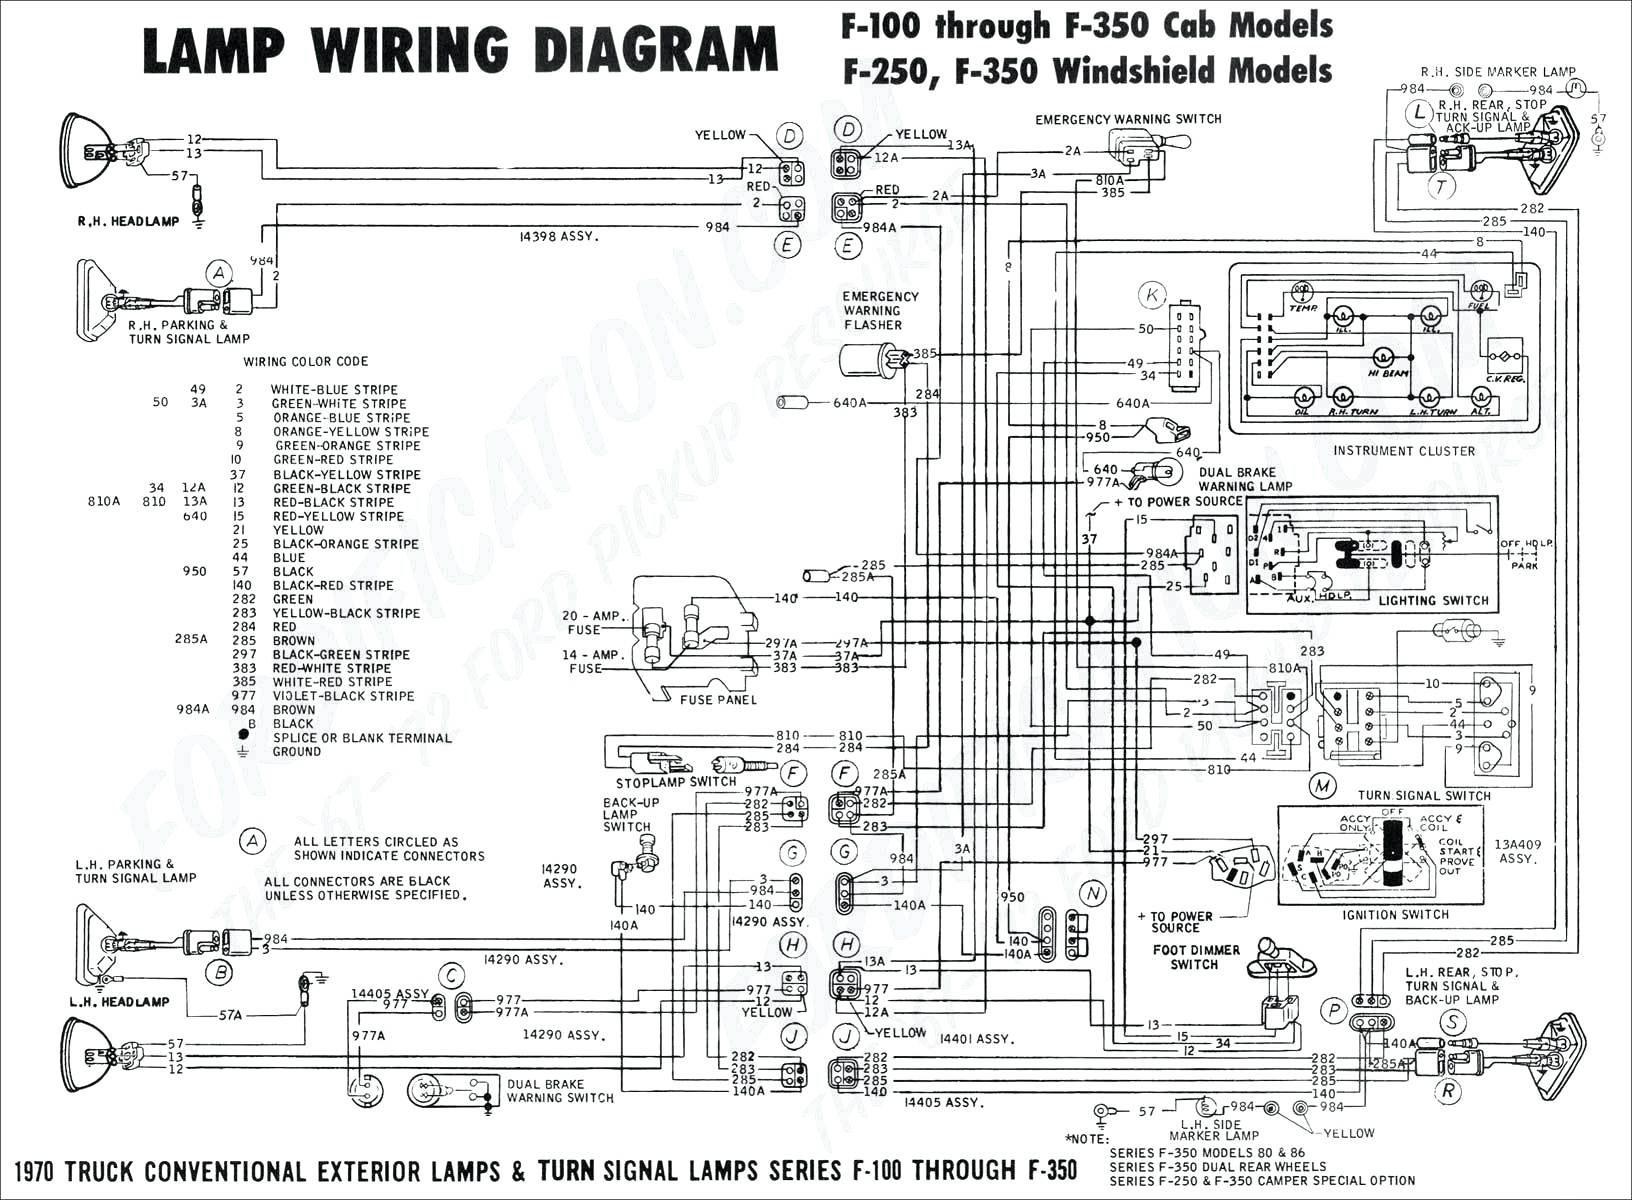 Nissan Altima Engine Diagram Karr Wiring Diagram Versa Daily Update Wiring Diagram Of Nissan Altima Engine Diagram